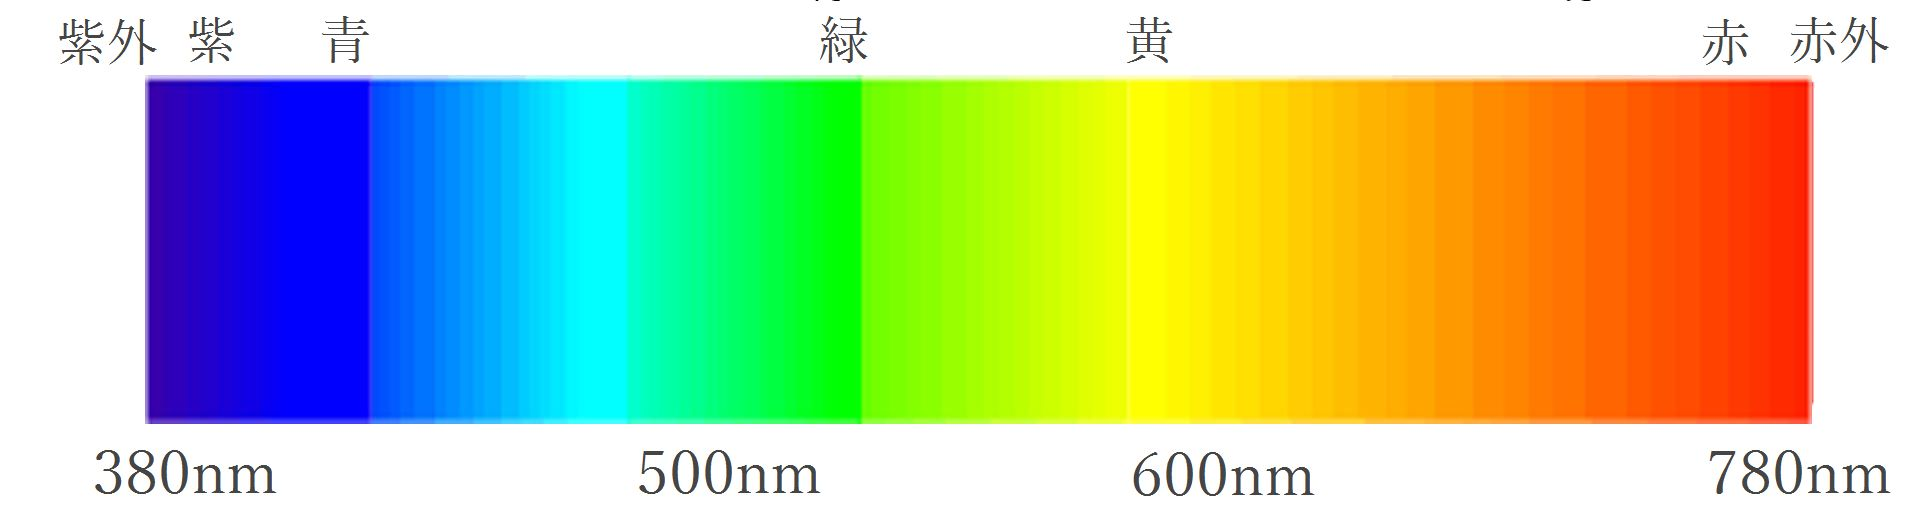 色というもの | TOKYO WOOD宿泊体感モデルハウス小金井ブログ